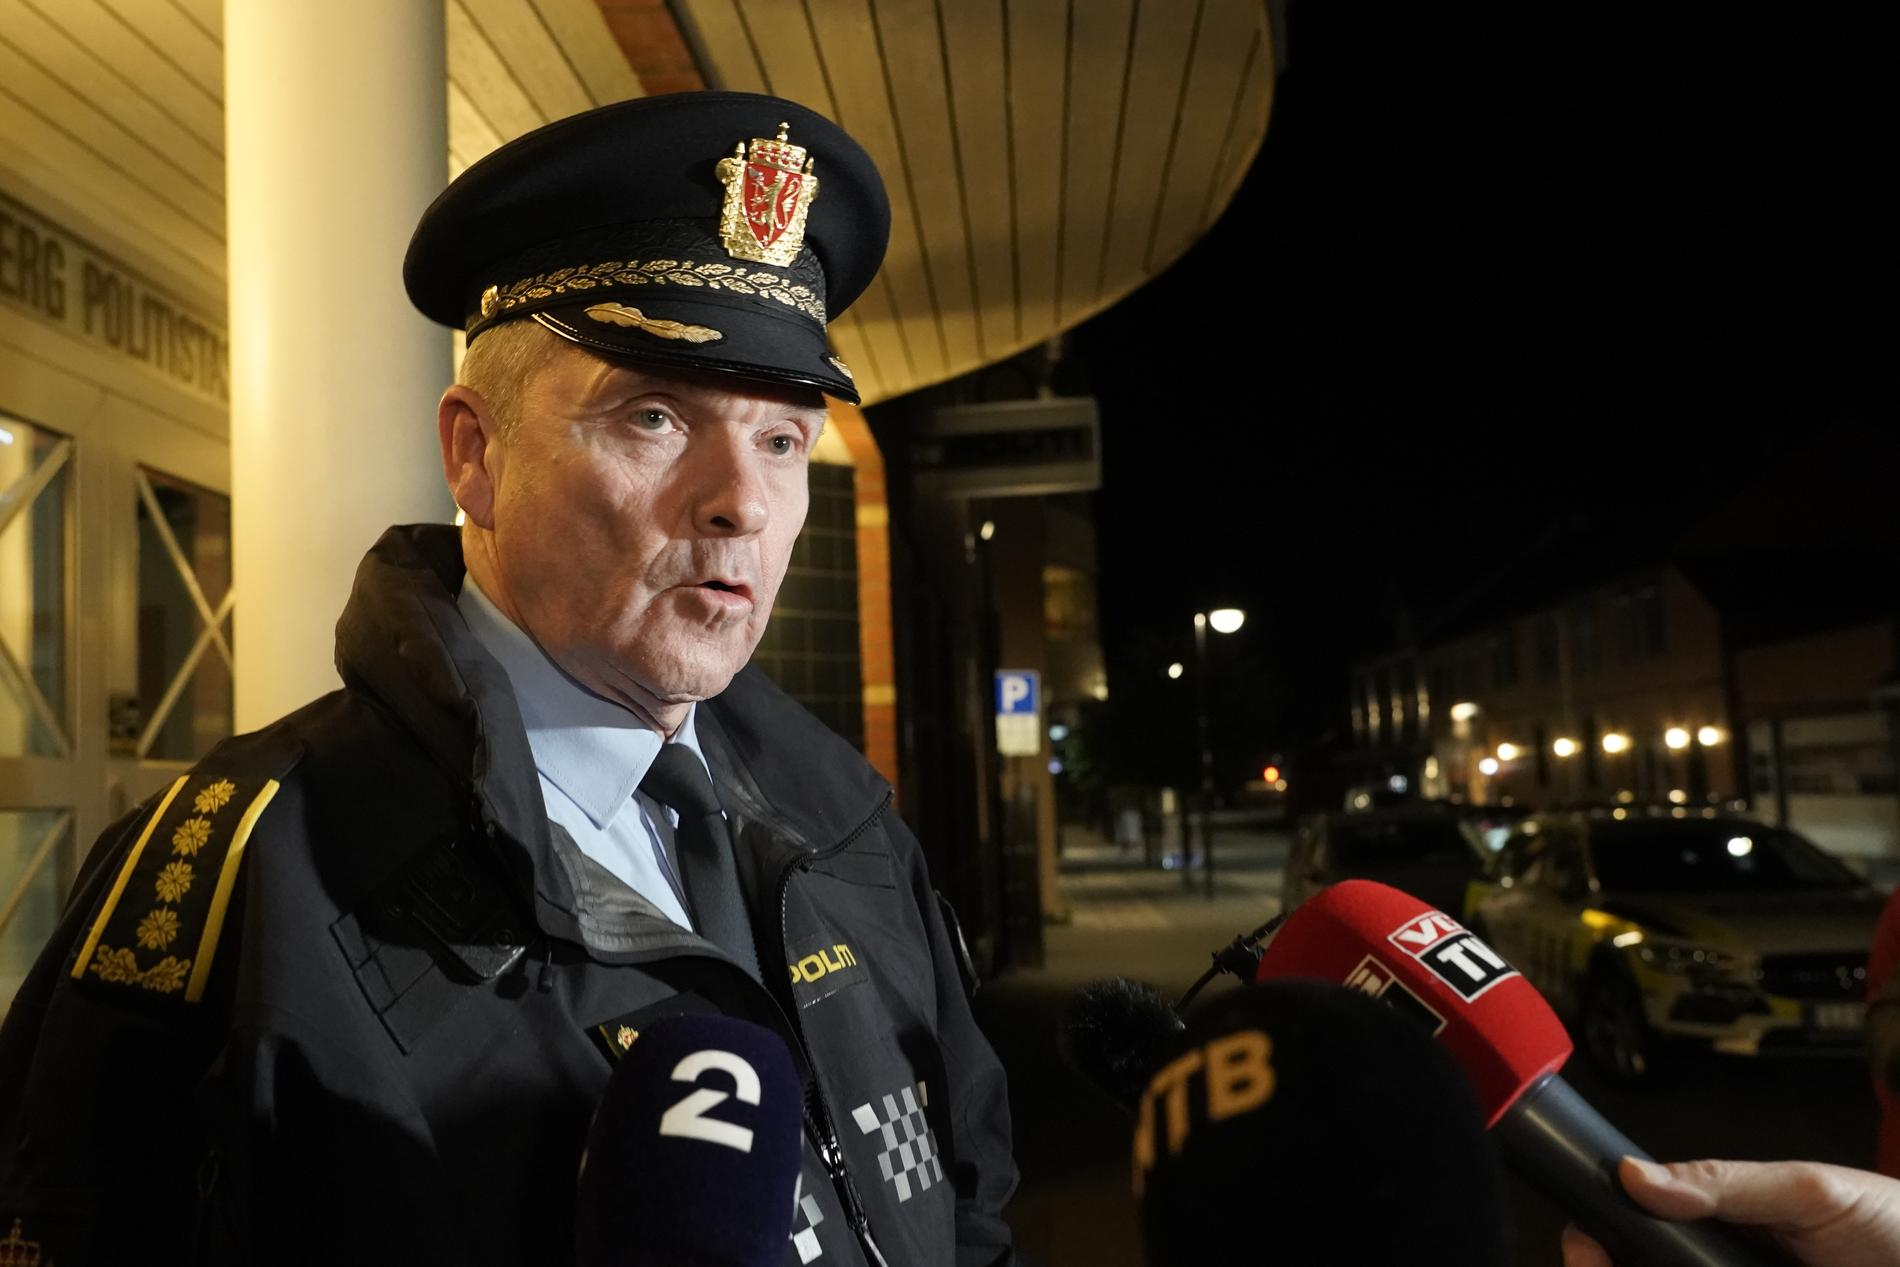 Polischef Øyvind Aas leder polisarbetet.